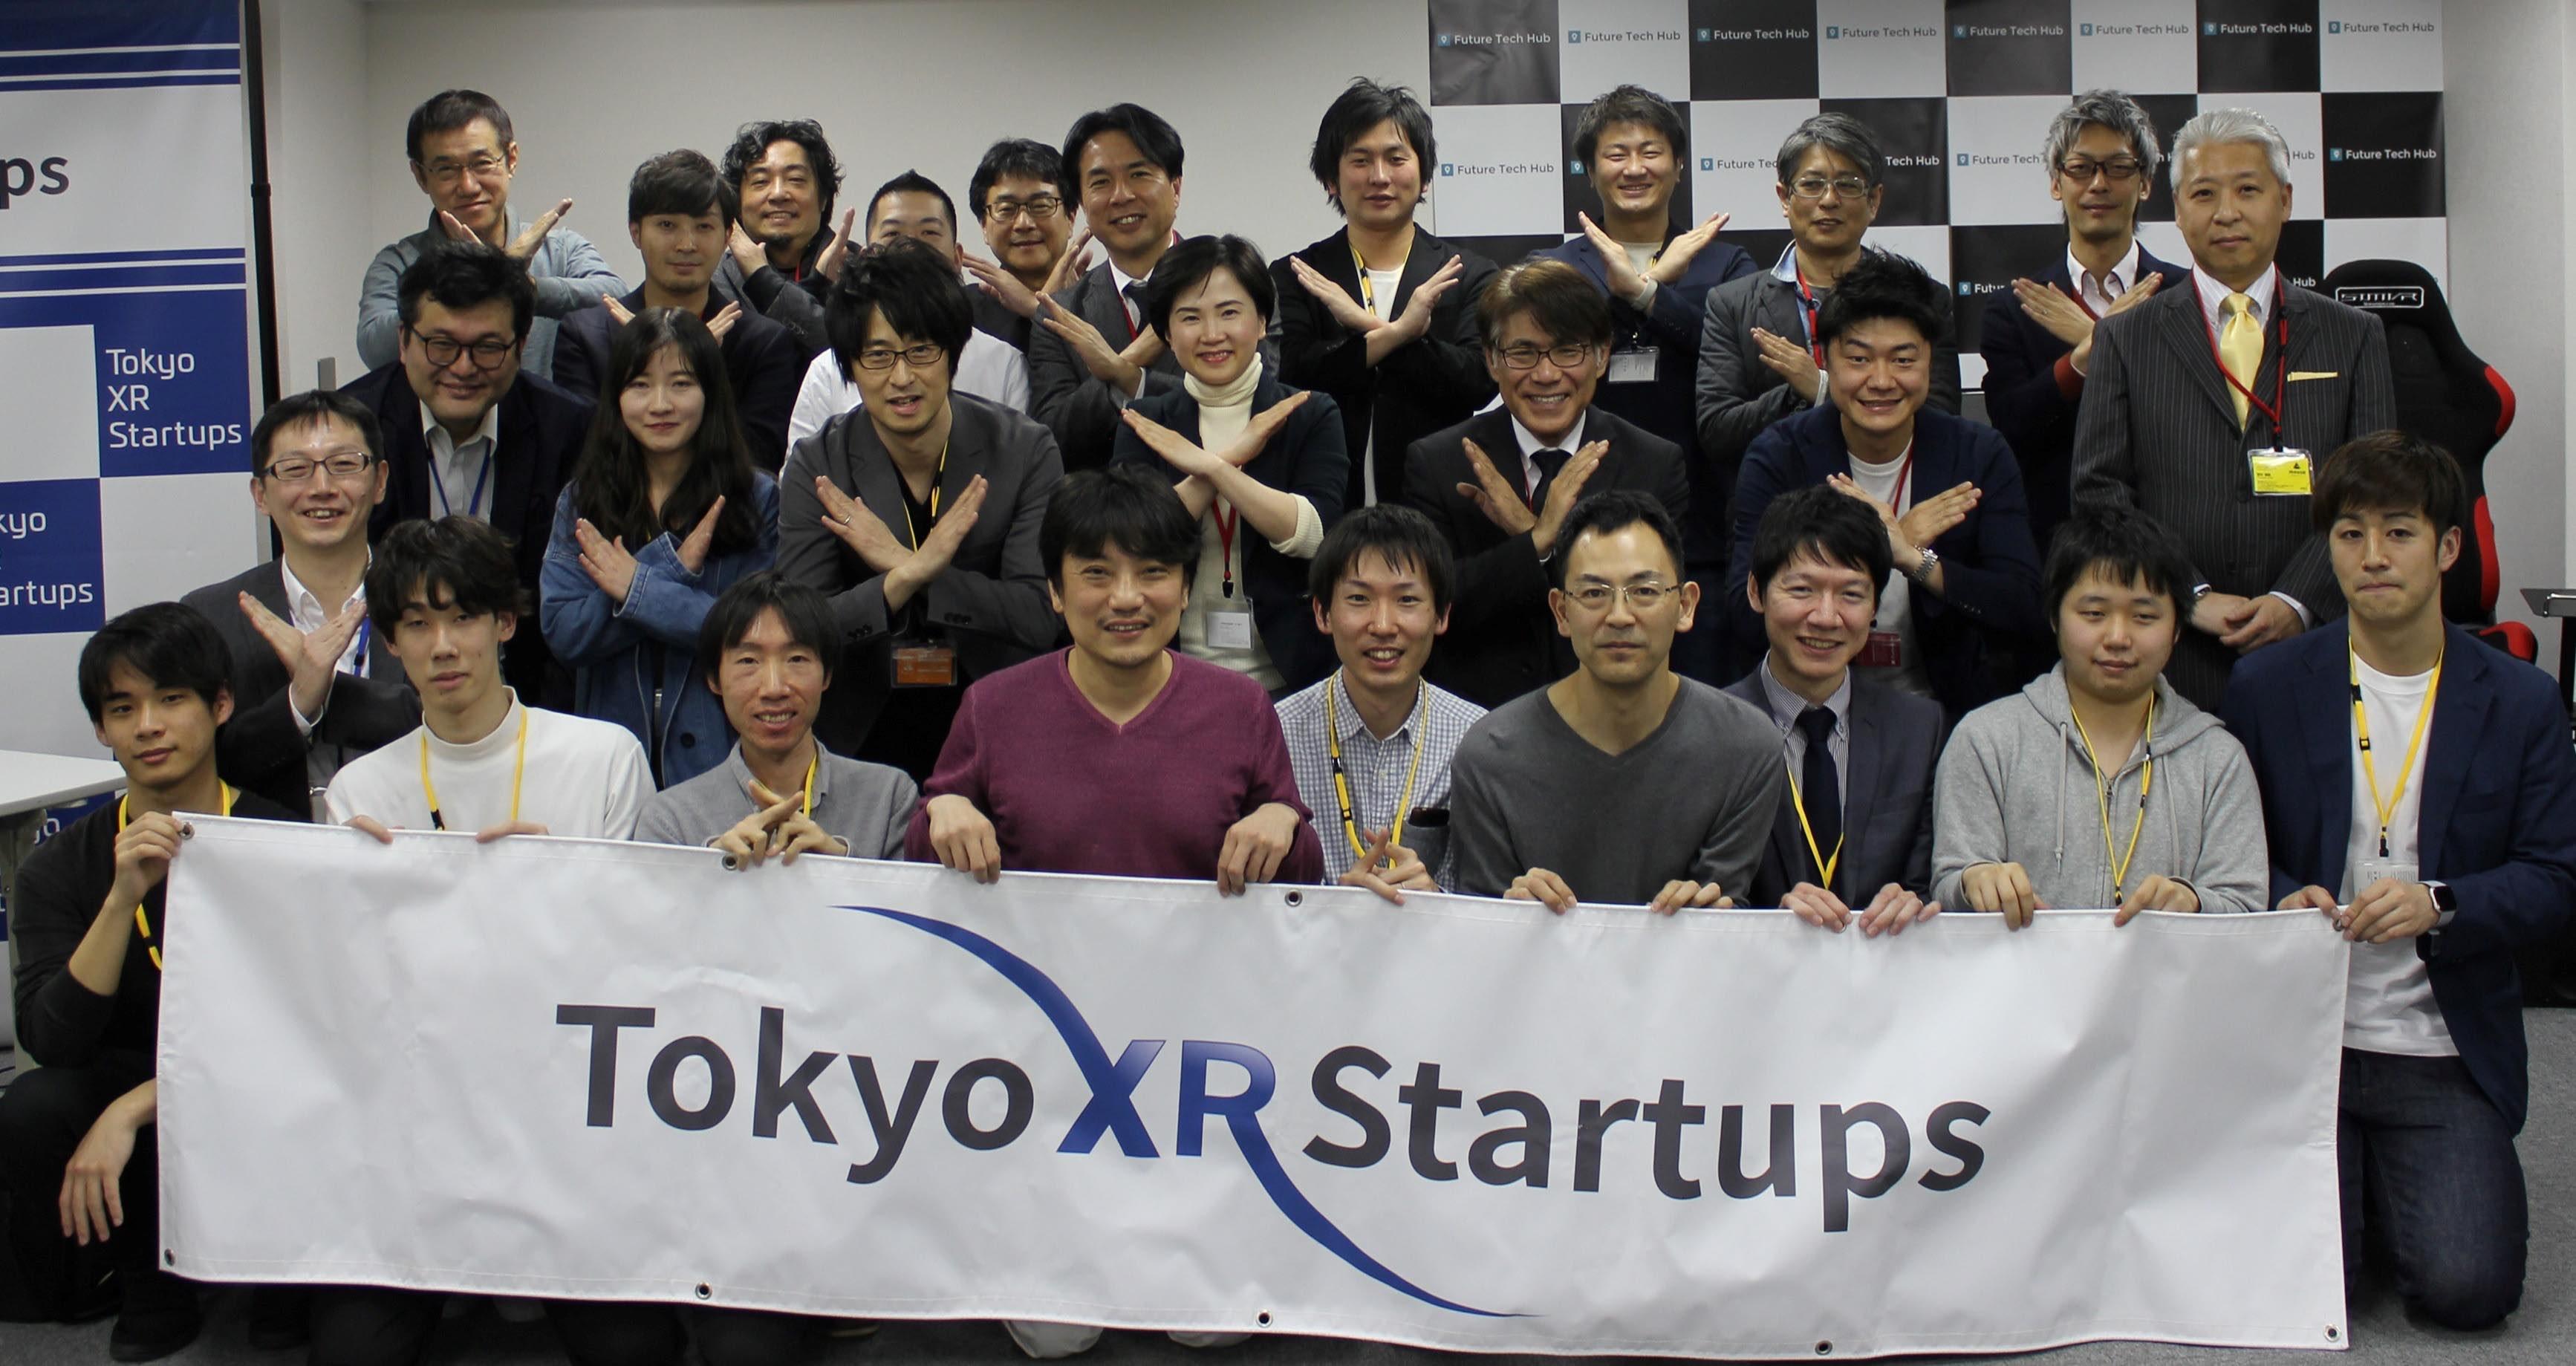 Tokyo XR Startups |インキュベーションプログラム及びアクセラレータープログラムのエントリー受付を開始